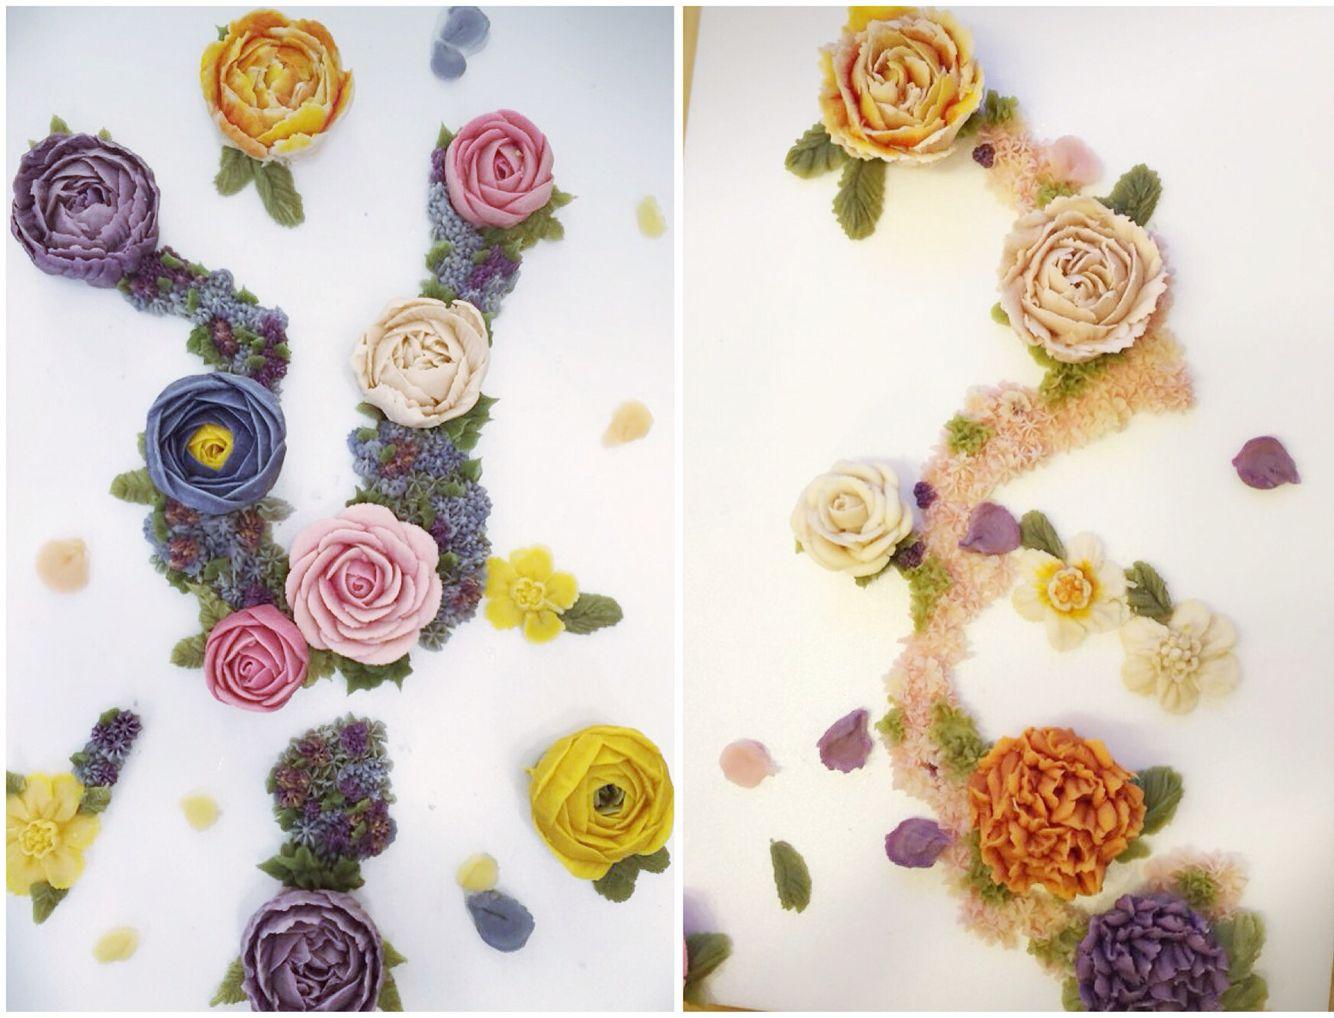 #외대앞 #수강생작품 #cake #flower #flowercake #decorating #tutorial #arrangement #icing #frosting #class #tips #tea #parties #decorating #sweet #앙금케잌 #앙금플라워 #앙금플라워케익 #플라워 #플라워케이크 #디저트 #라이스케이크 #앙금플라워떡케이크 #공방까페 #앙금플라워케이크 #케잌 #앙금꽃 #작품전시 #꽃스타그램 #꽃